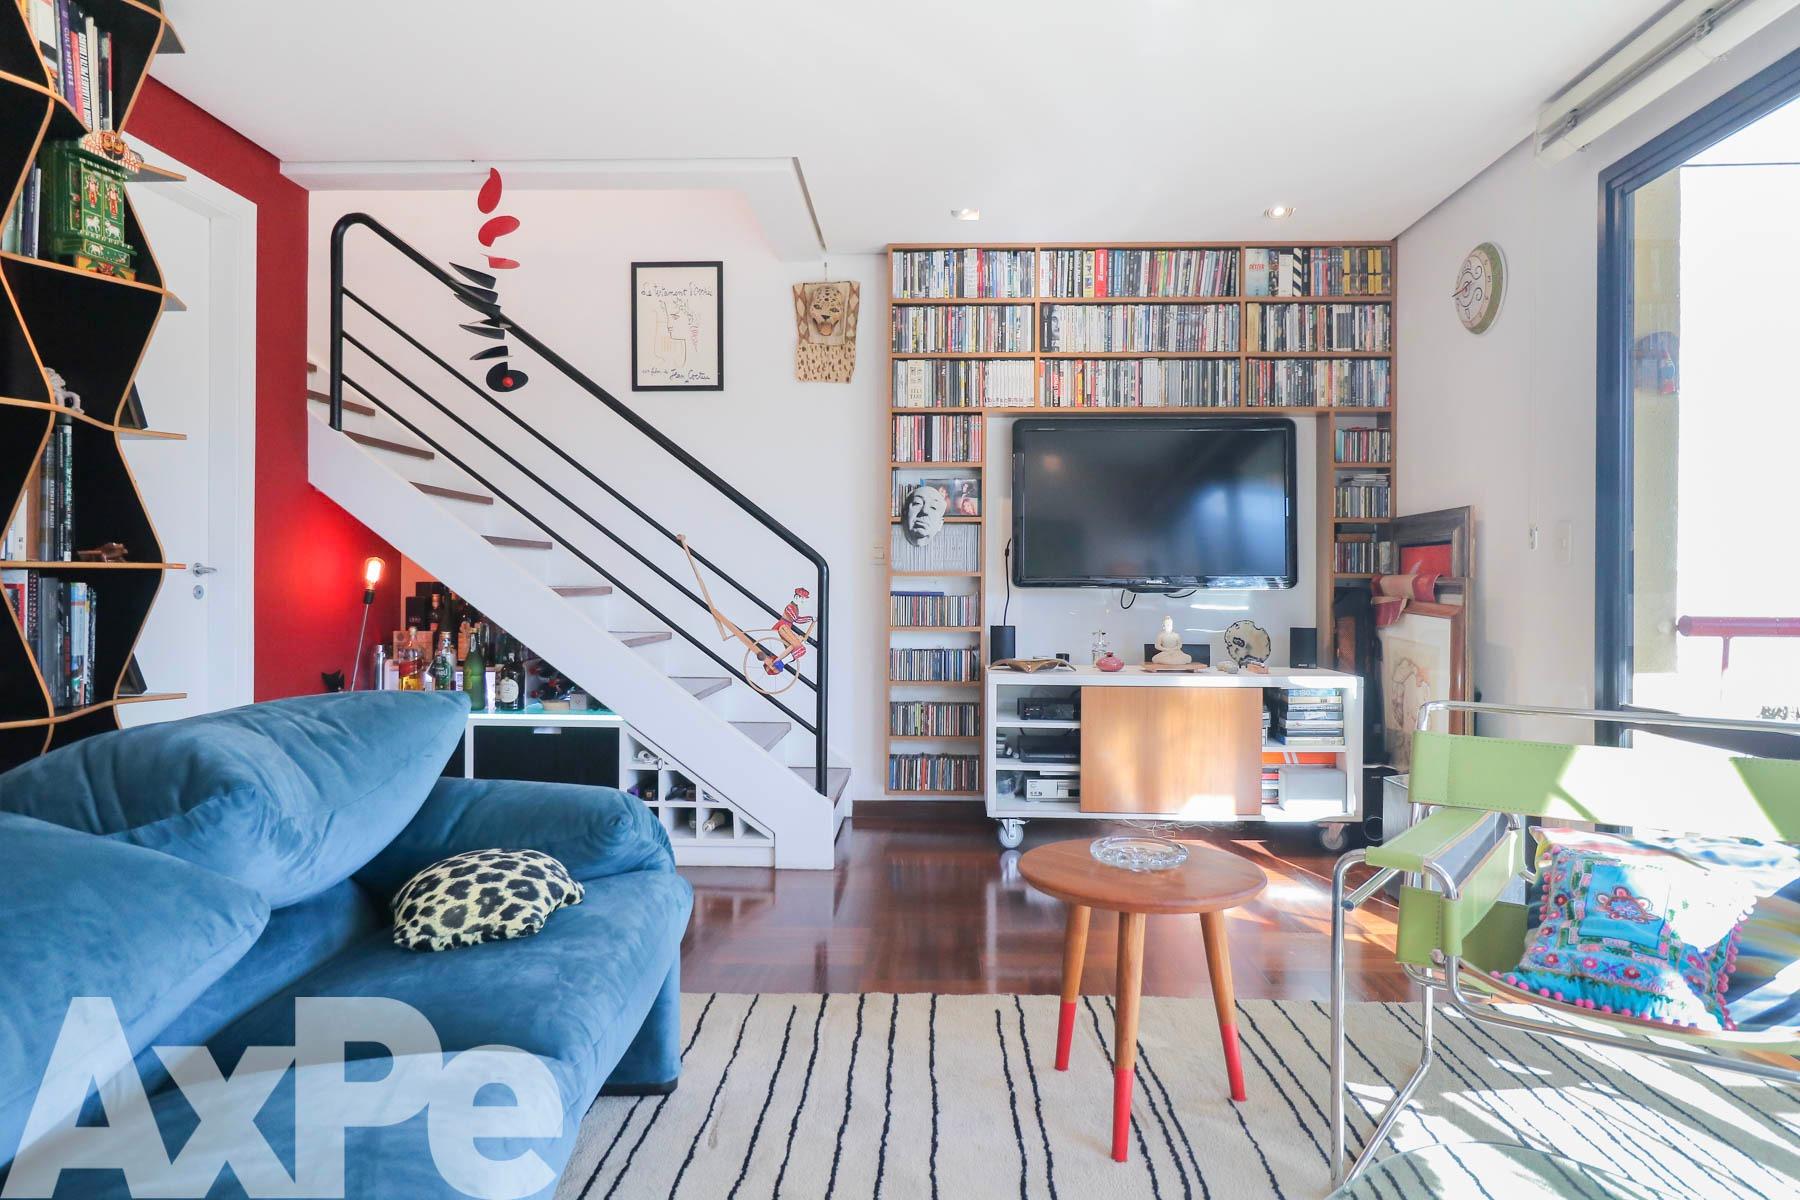 Axpe Apartamento - AX146233